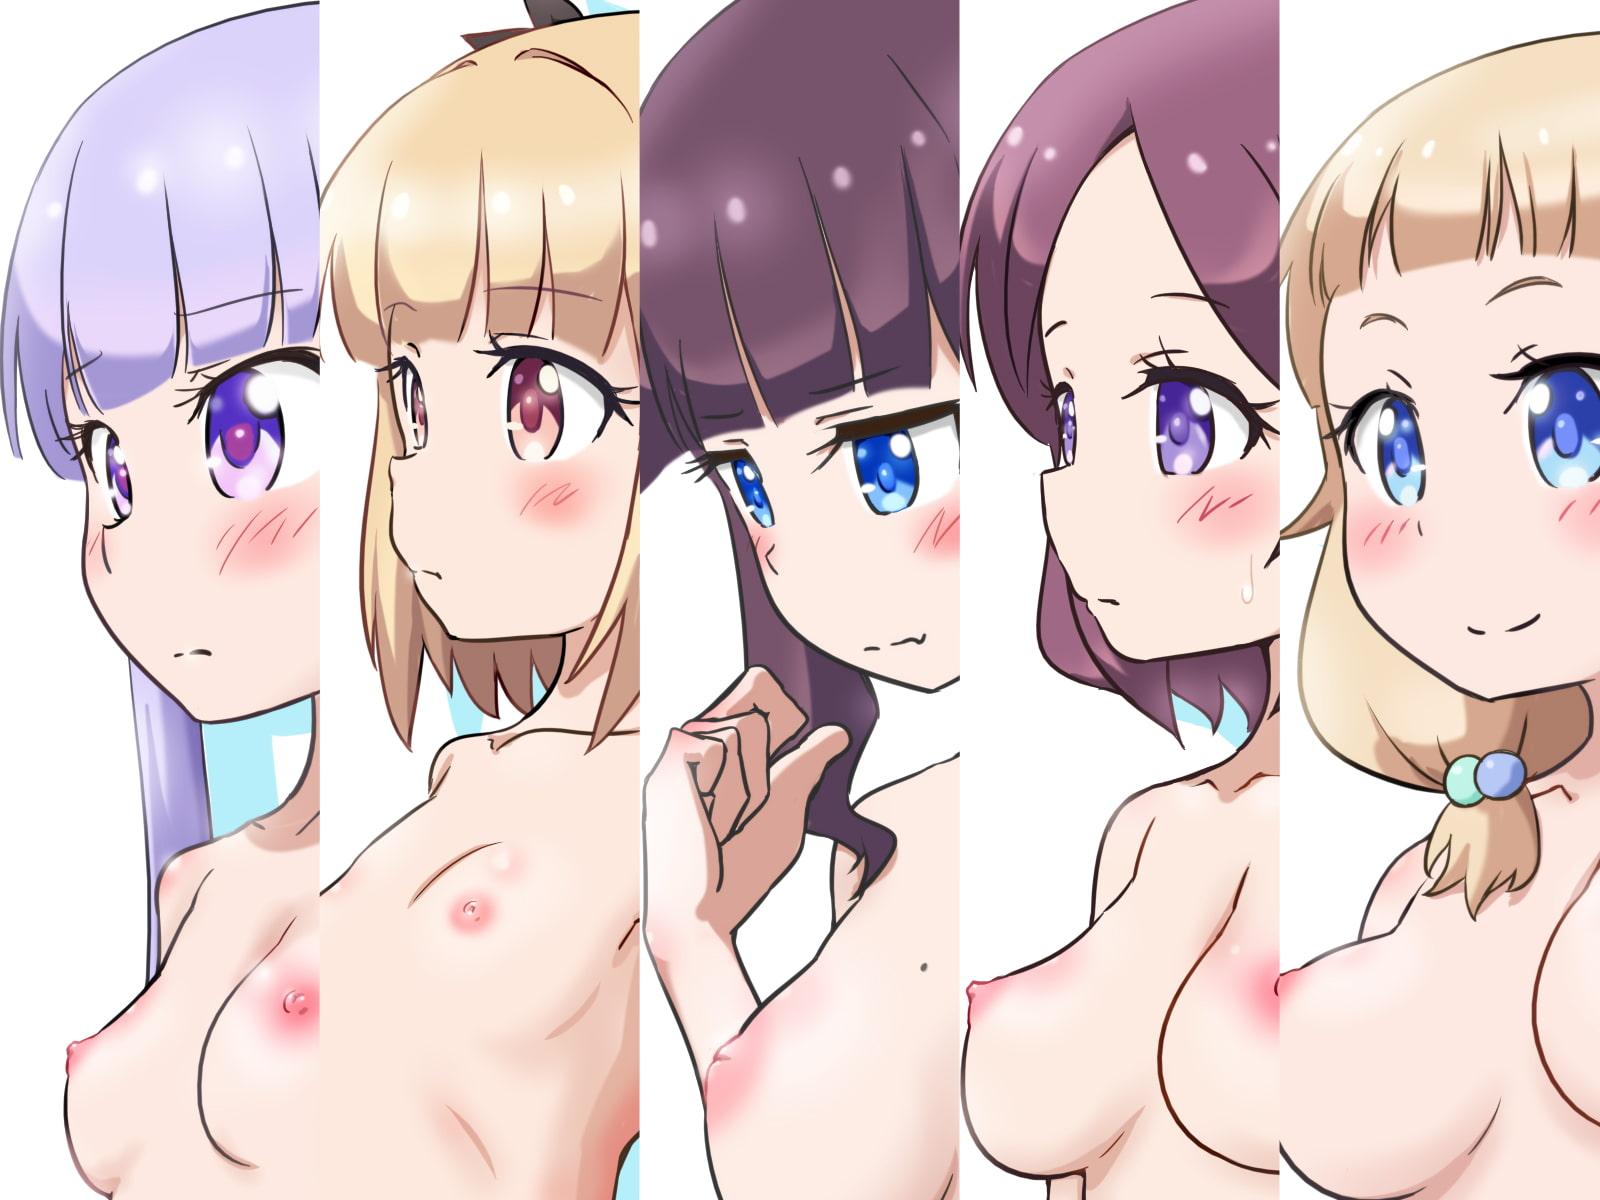 性教育教材になった女たち -ゲーム会社社員篇-